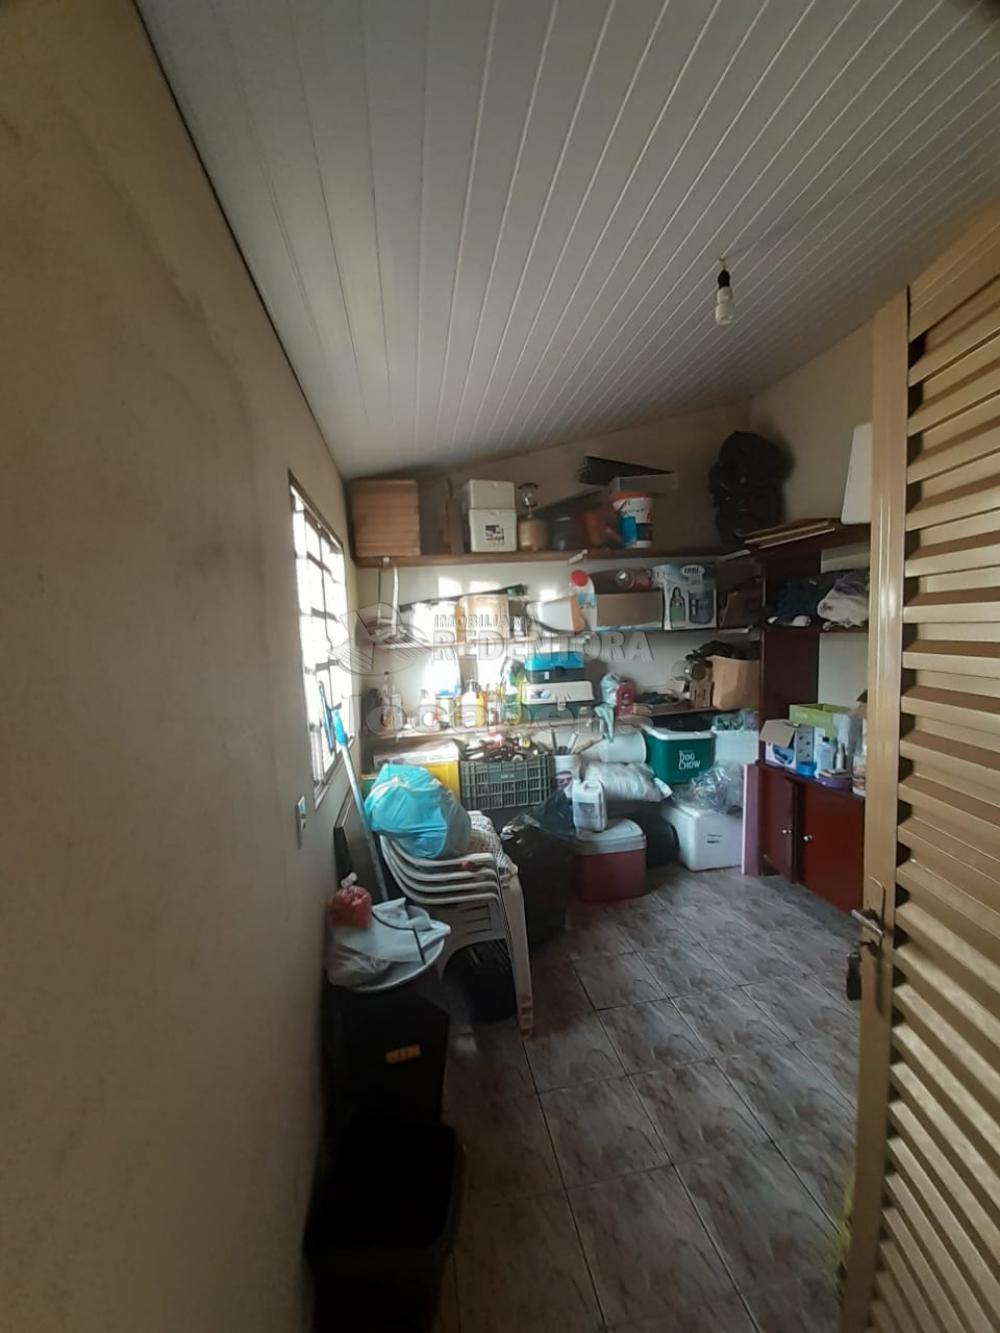 Comprar Casa / Padrão em São José do Rio Preto apenas R$ 195.000,00 - Foto 15